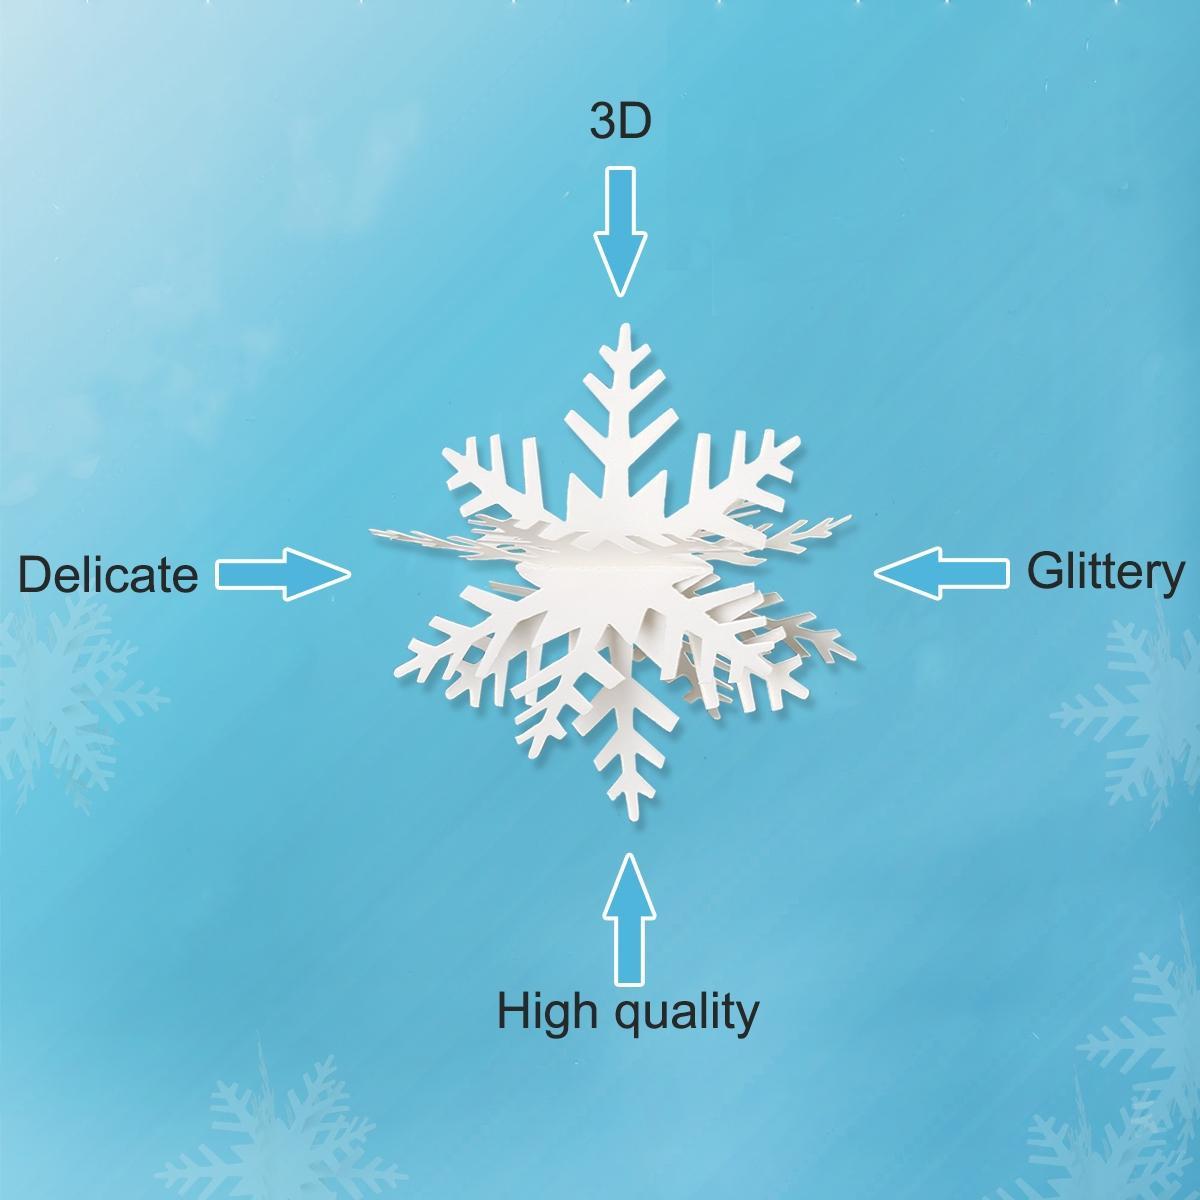 Замороженный Birthday Party Supplies 3M Белый Блестящий 3D Снежинка бумаги Garland Christmas Wedding Scene Новый Год баннер Домашнее украшение